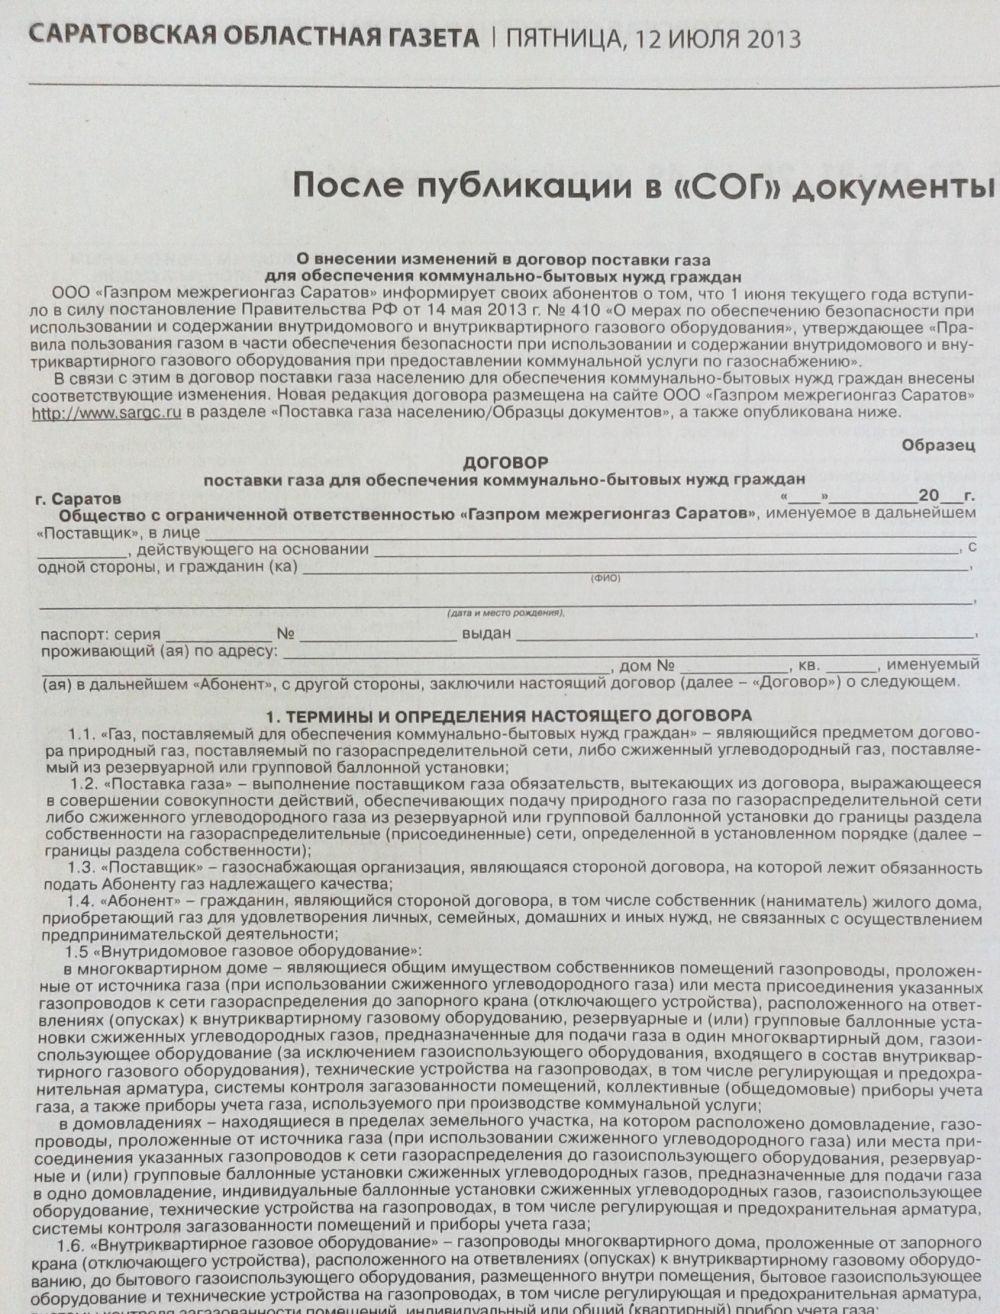 Форма 20 газоснабжения другие документы для газификации частного дома